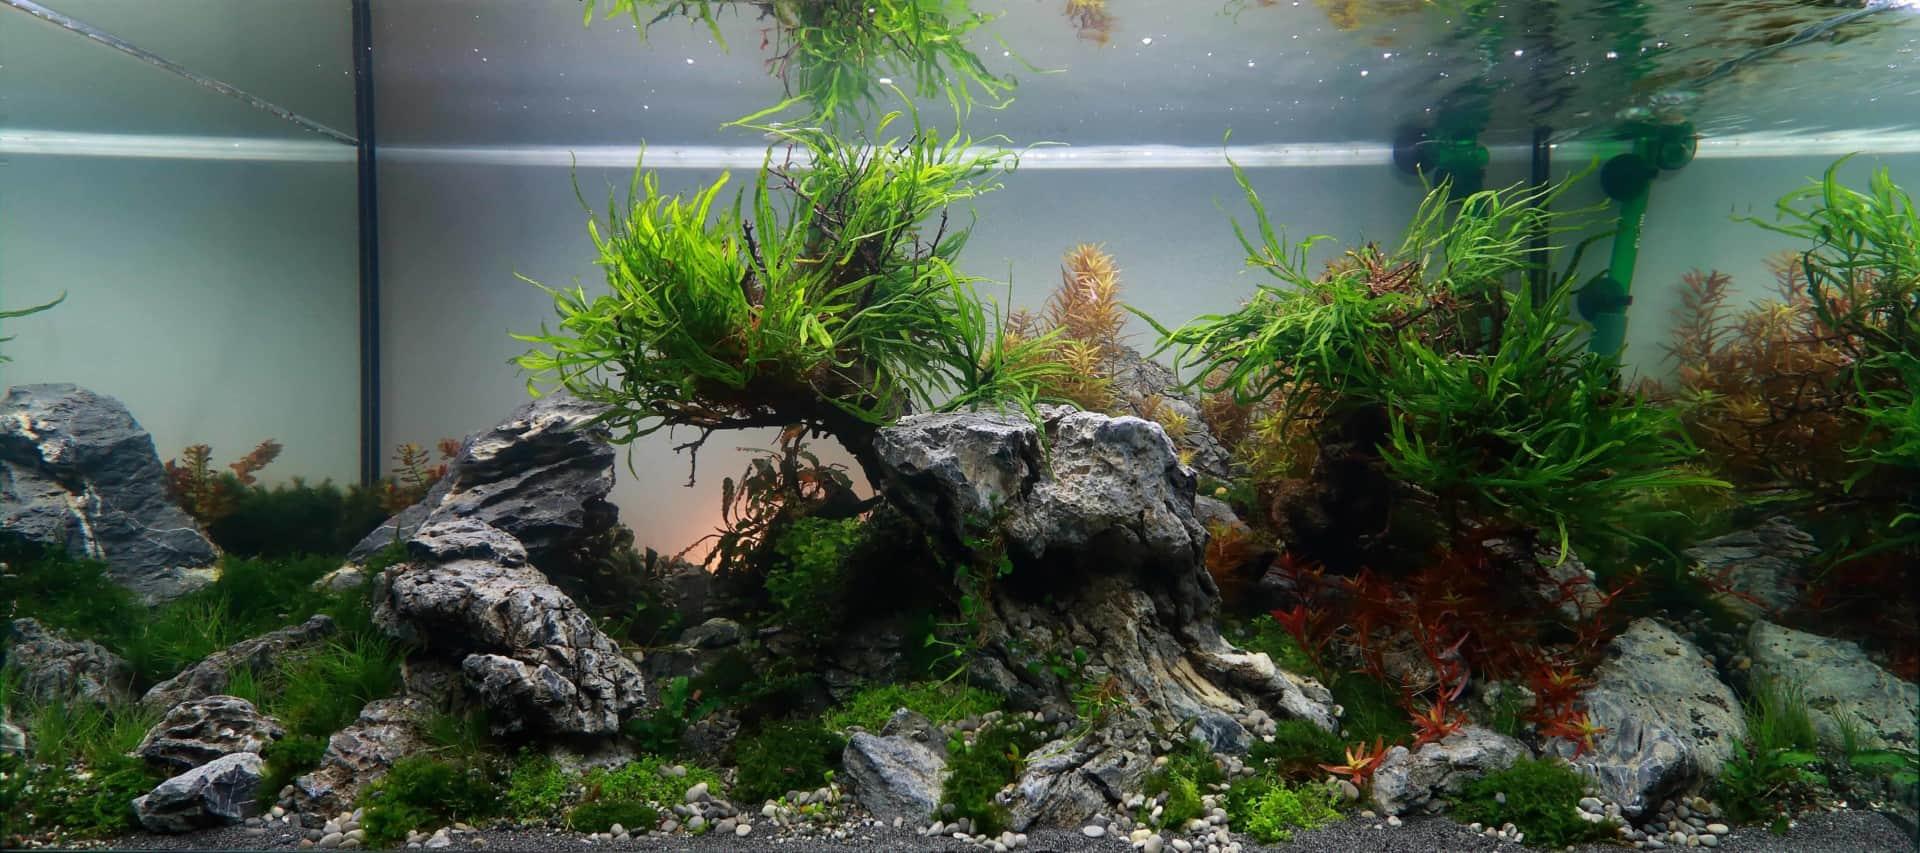 191 - The Art of the Planted Aquarium - Neuheiten und Möglichkeiten zum Mitmachen im April 2019 (Stefanie Hesse) 3